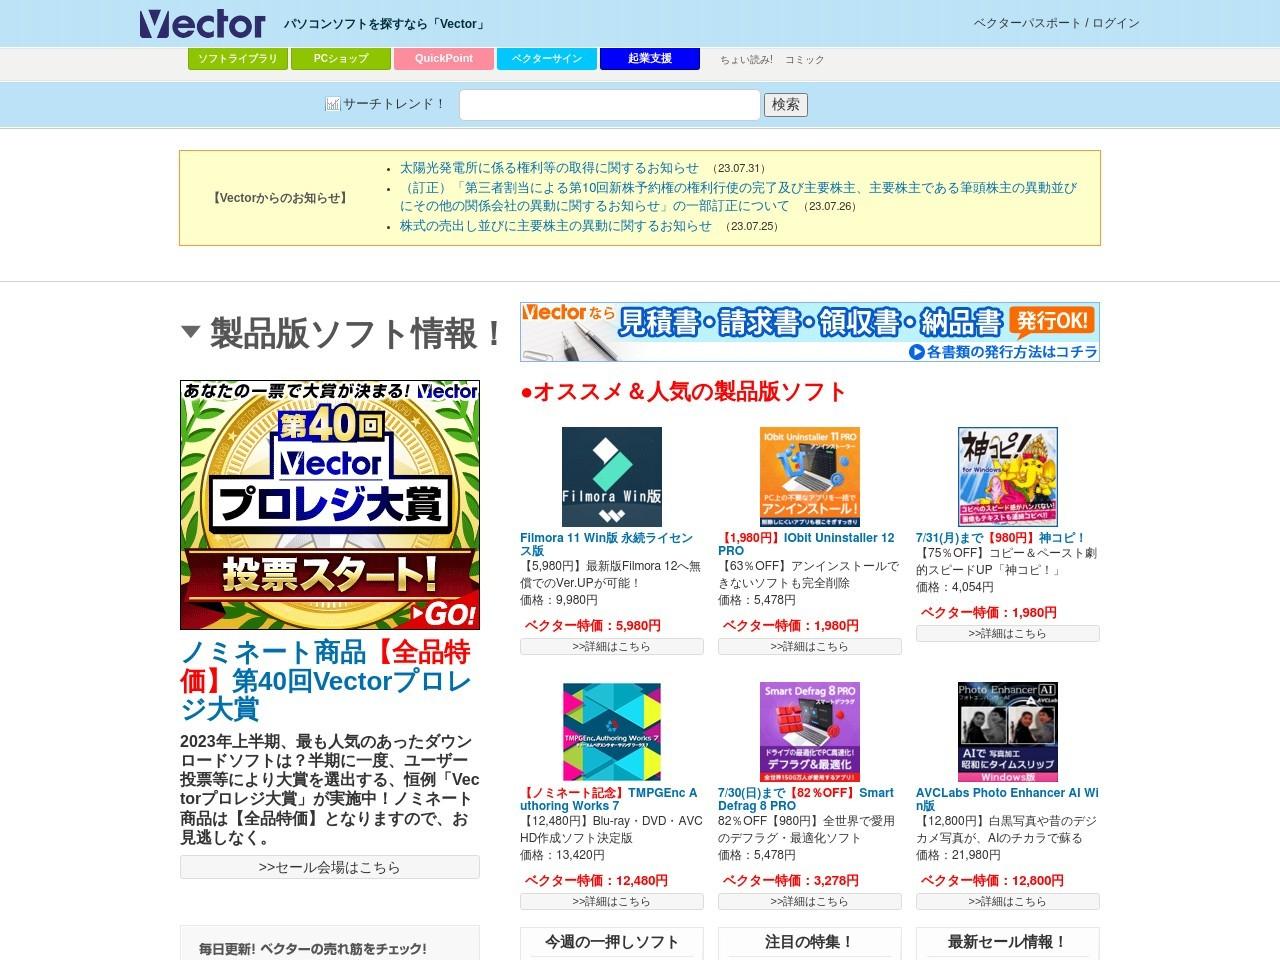 http://www.vector.co.jp/soft/winnt/util/se341829.html